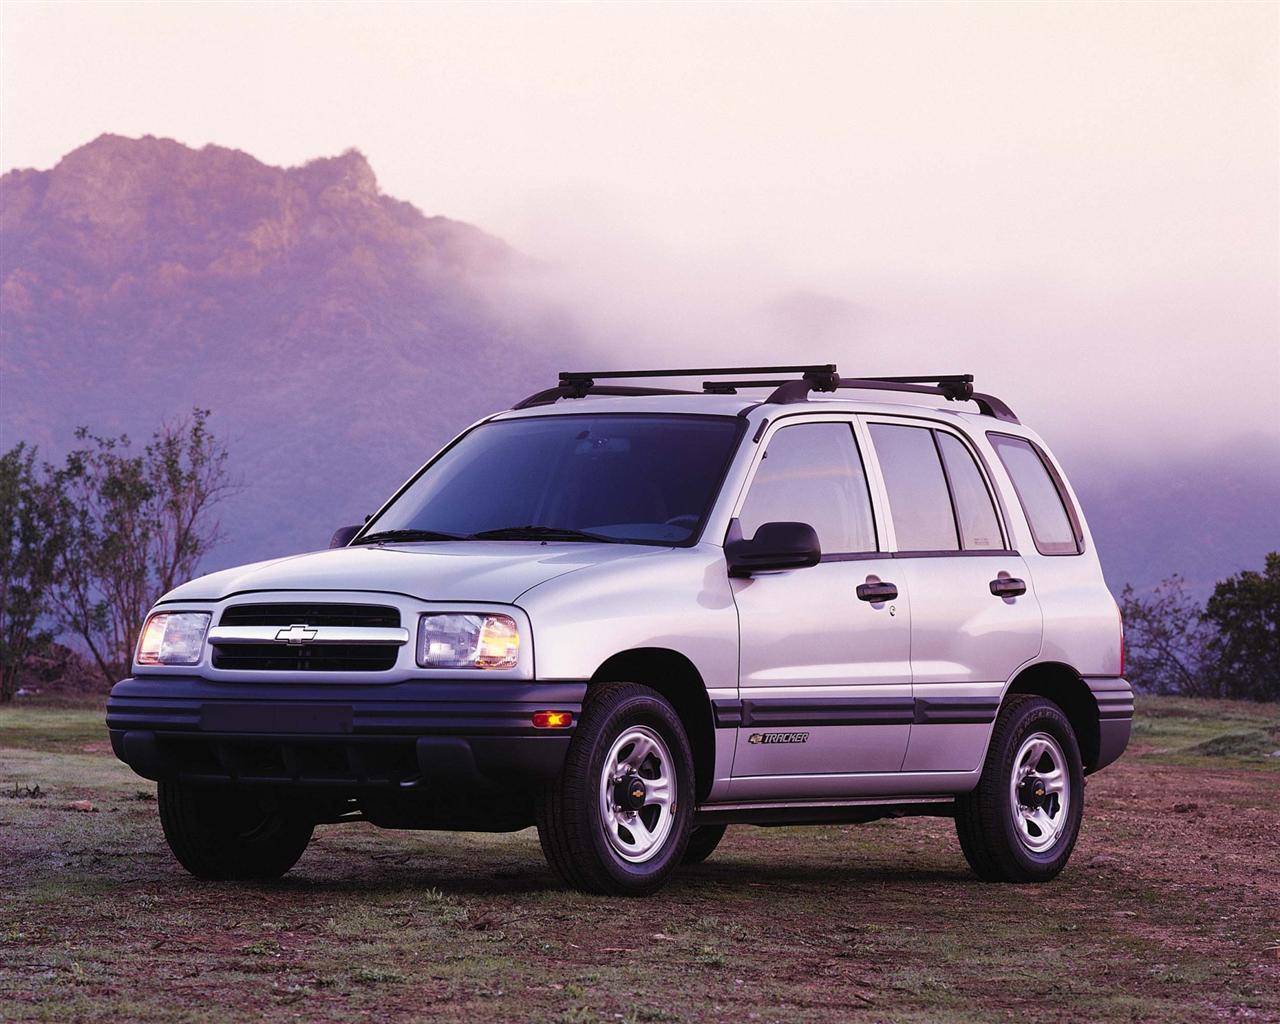 2000 Chevrolet Tracker Image